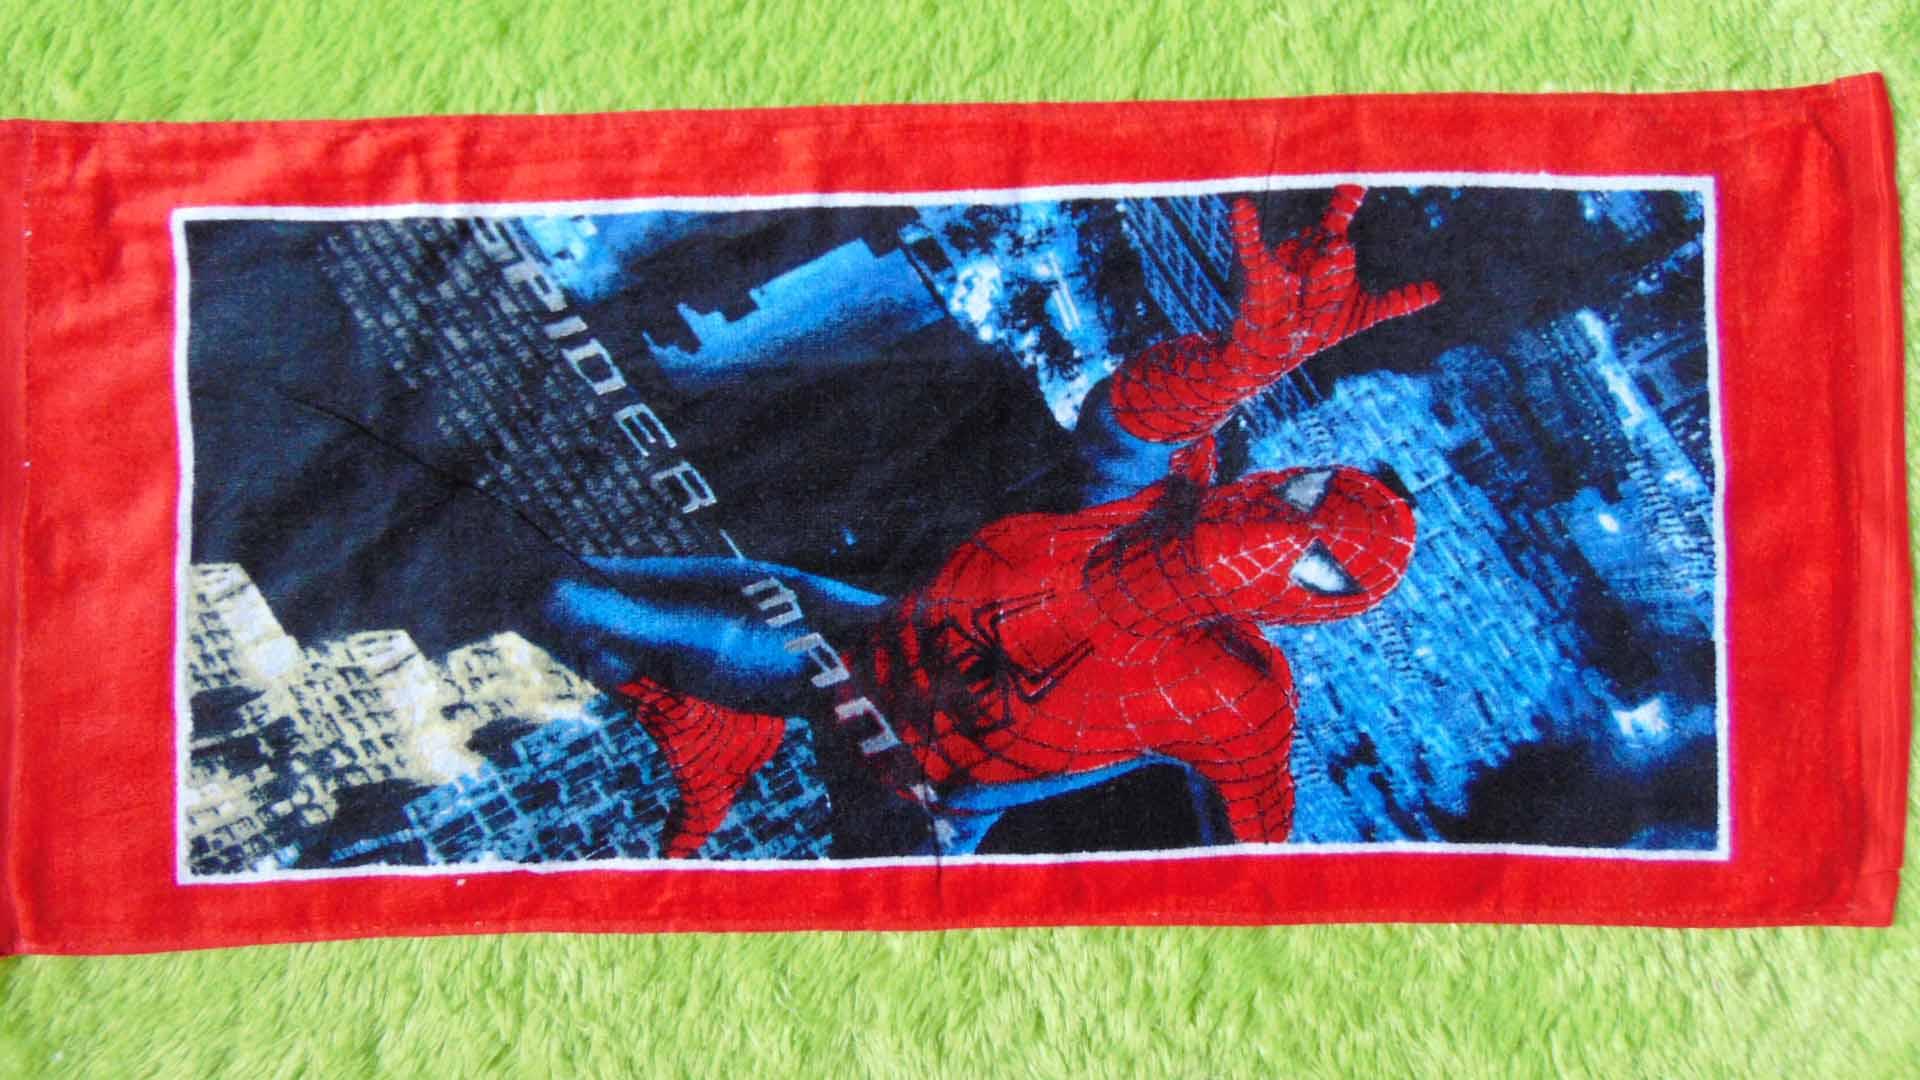 TERLARIS handuk karakter spiderman kado hadiah anak bayi 22 dengan motif yg disukai anak2,panjang 75cm,lebar 33cm,juga cocok untuk kado anak atau bayi